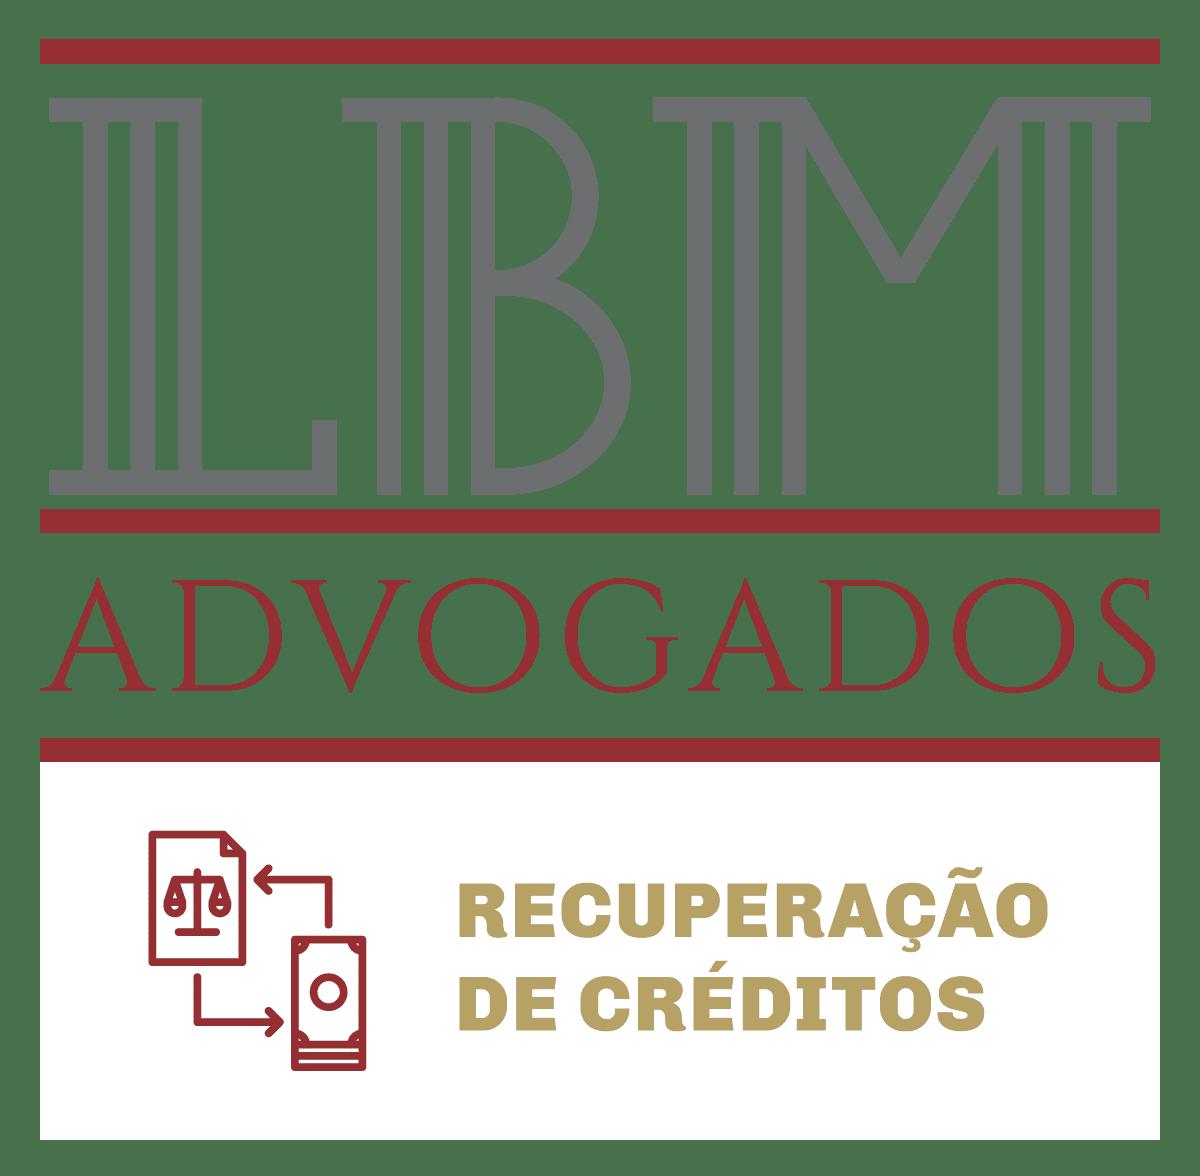 Advogados Recuperação de créditos